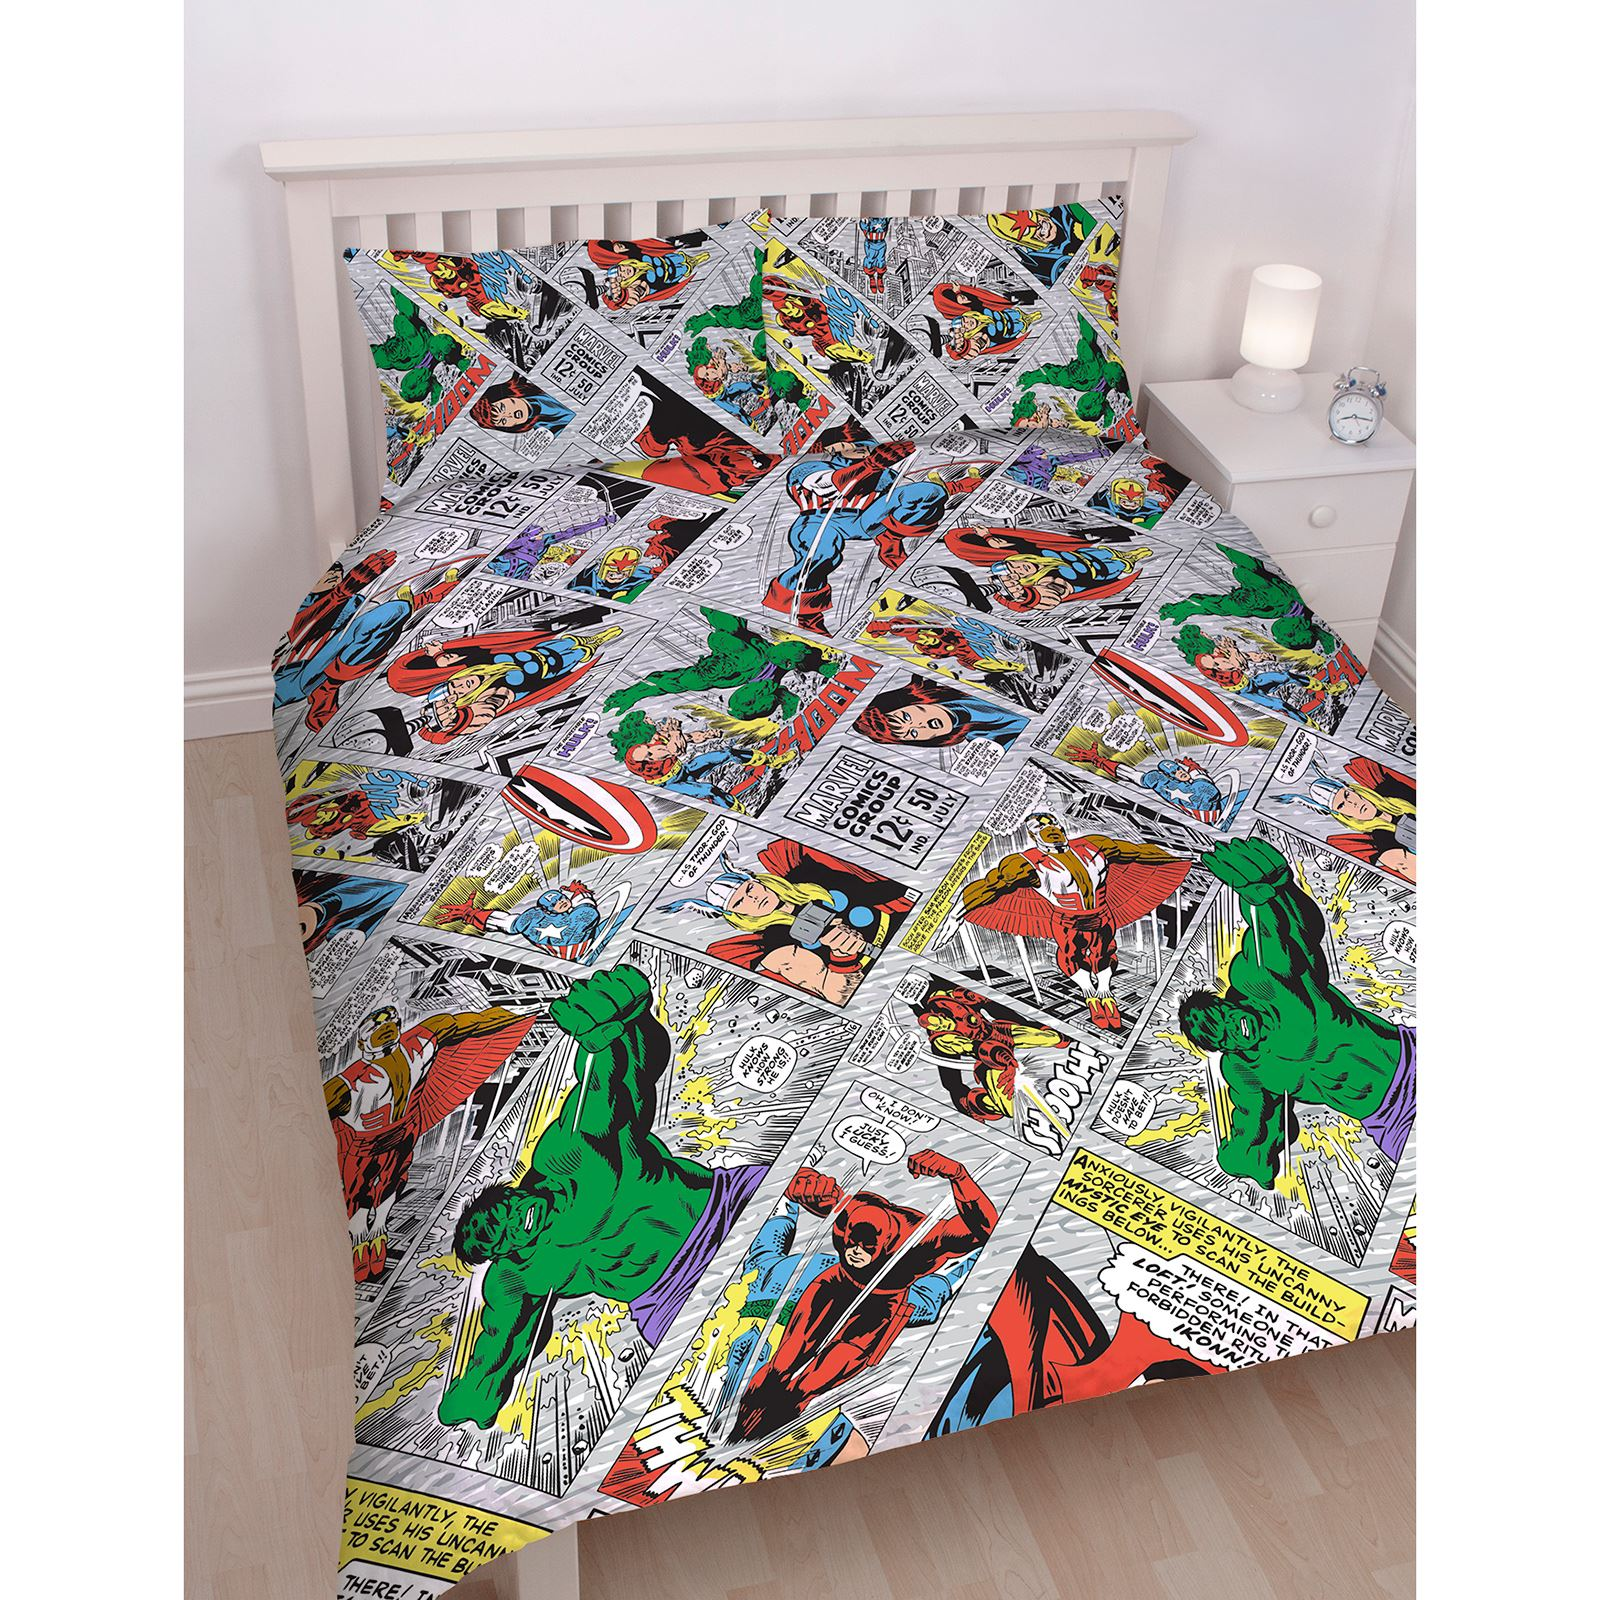 Copripiumino Capitan America.Marvel Comics Retro Set Copripiumino Doppio Reversibile Capitan